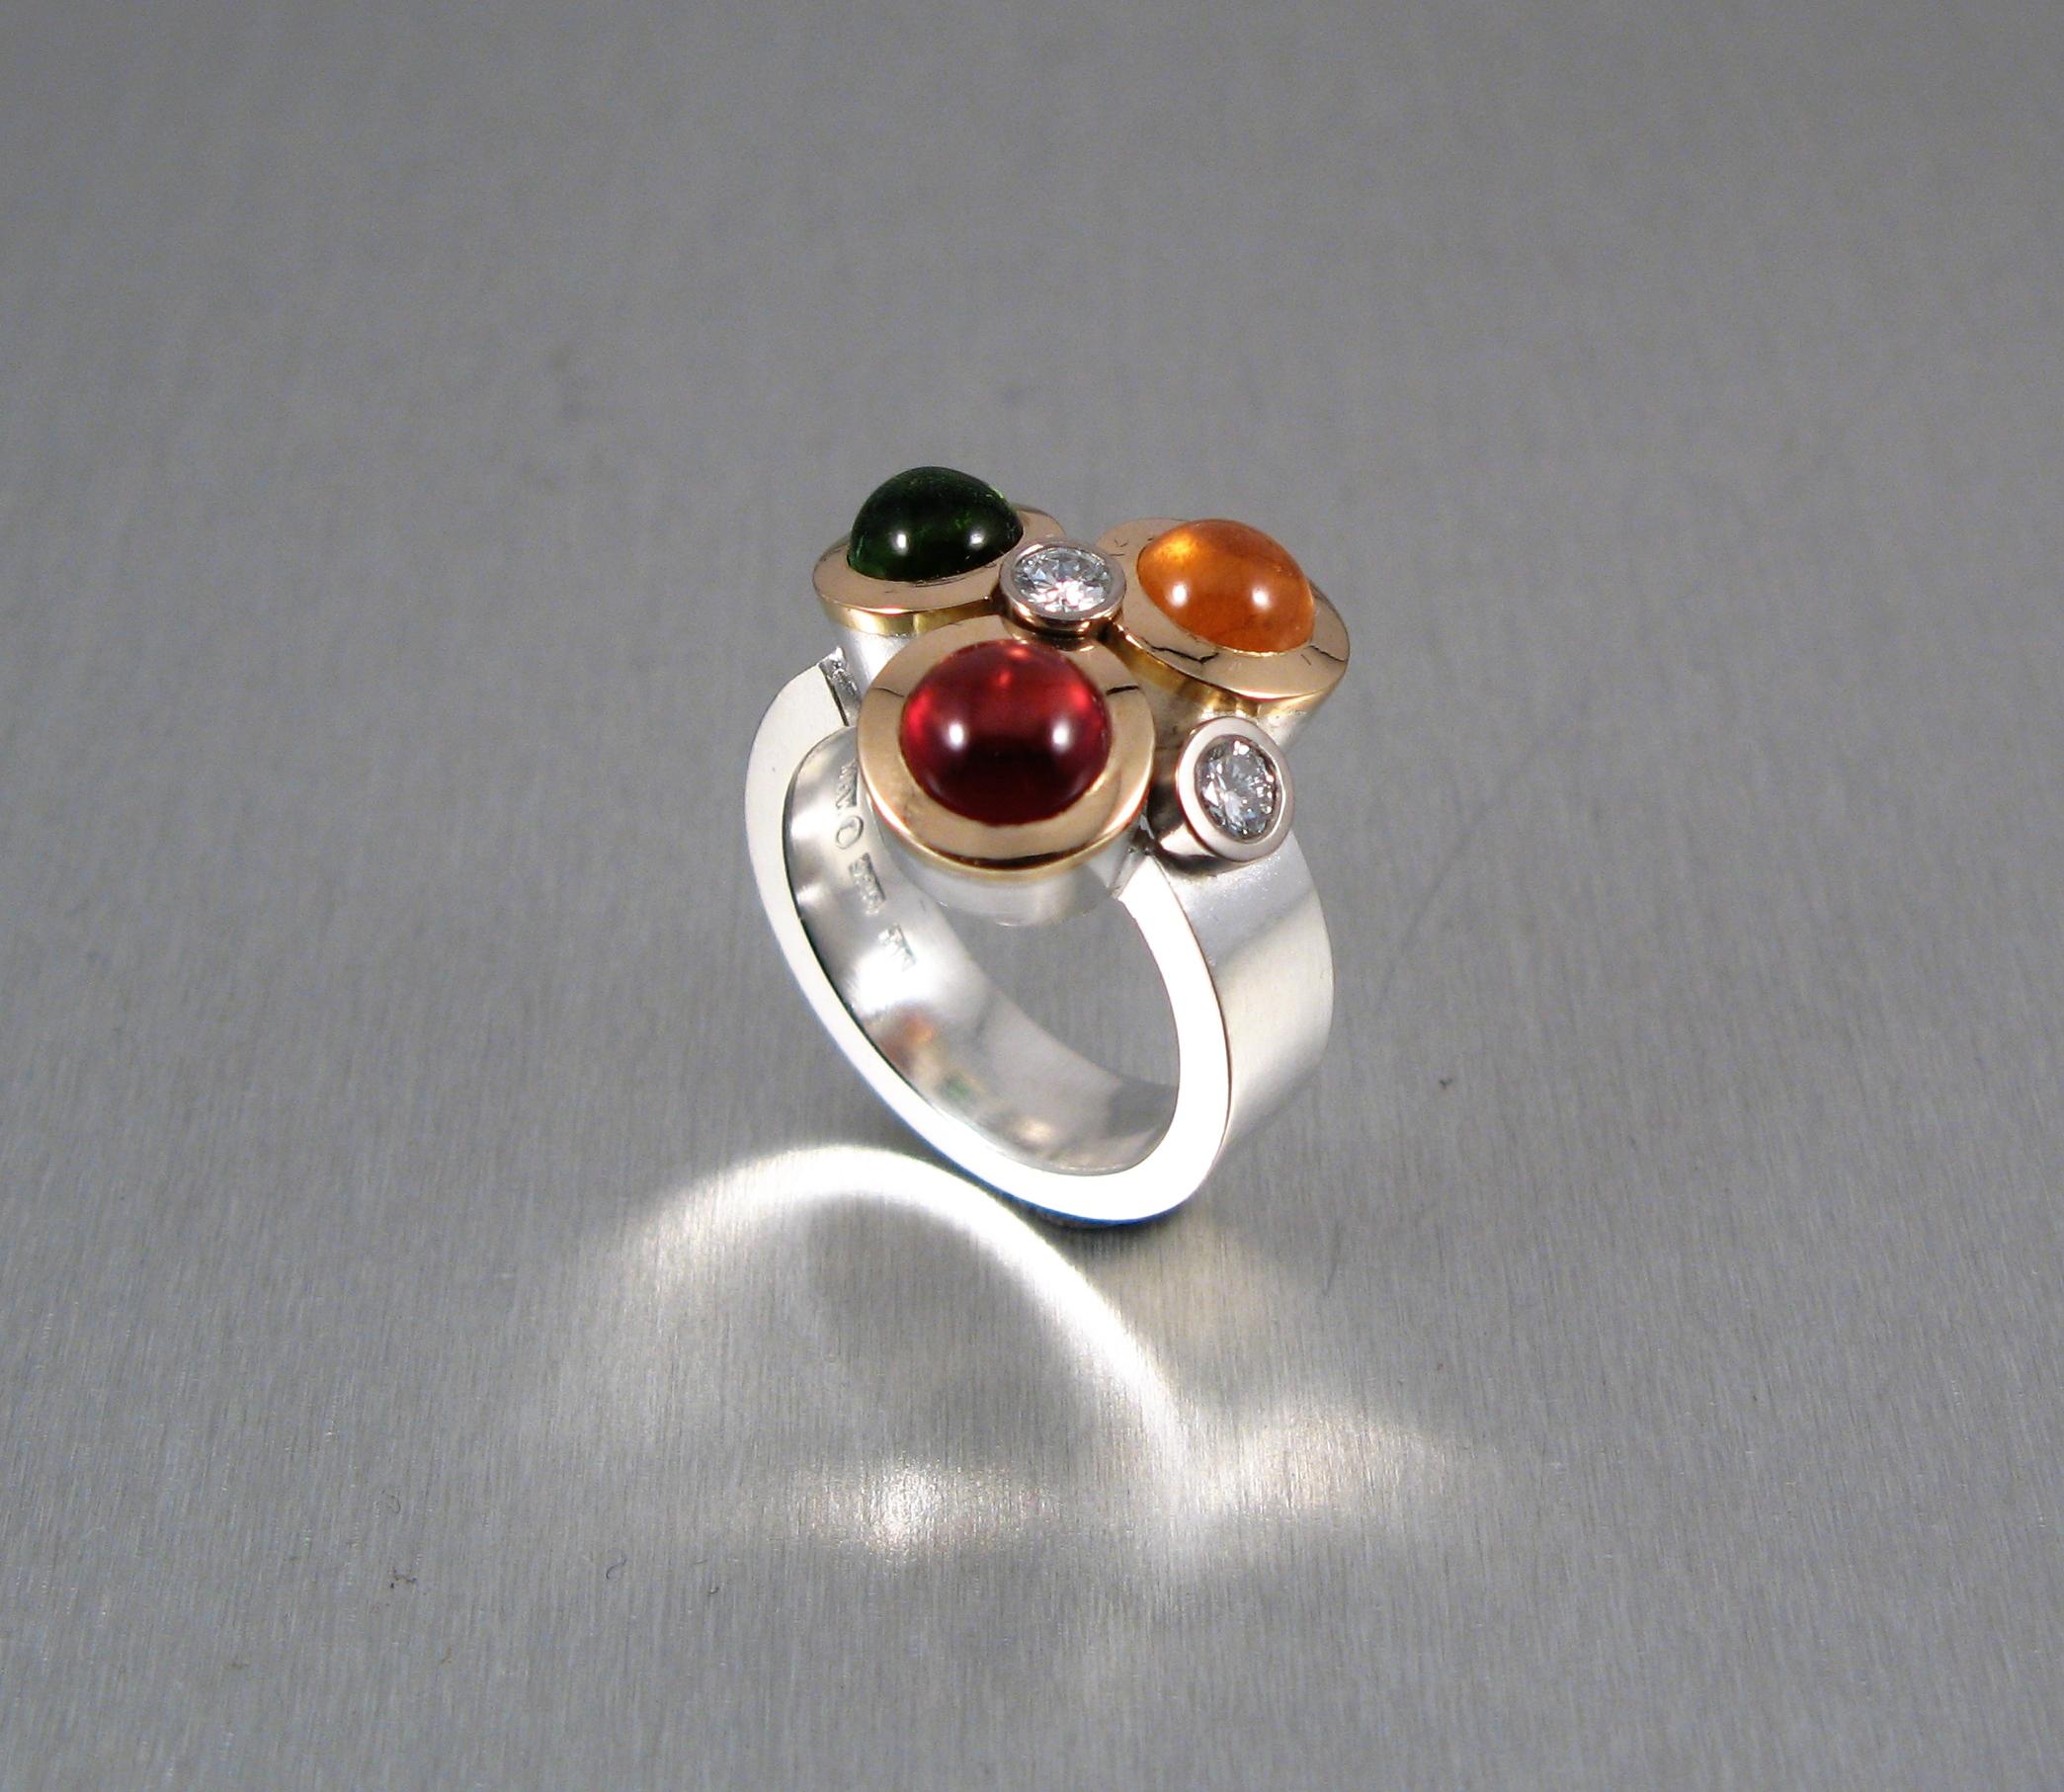 Ring, silver, guld, diamanter, turmalin, granat och spessartit.